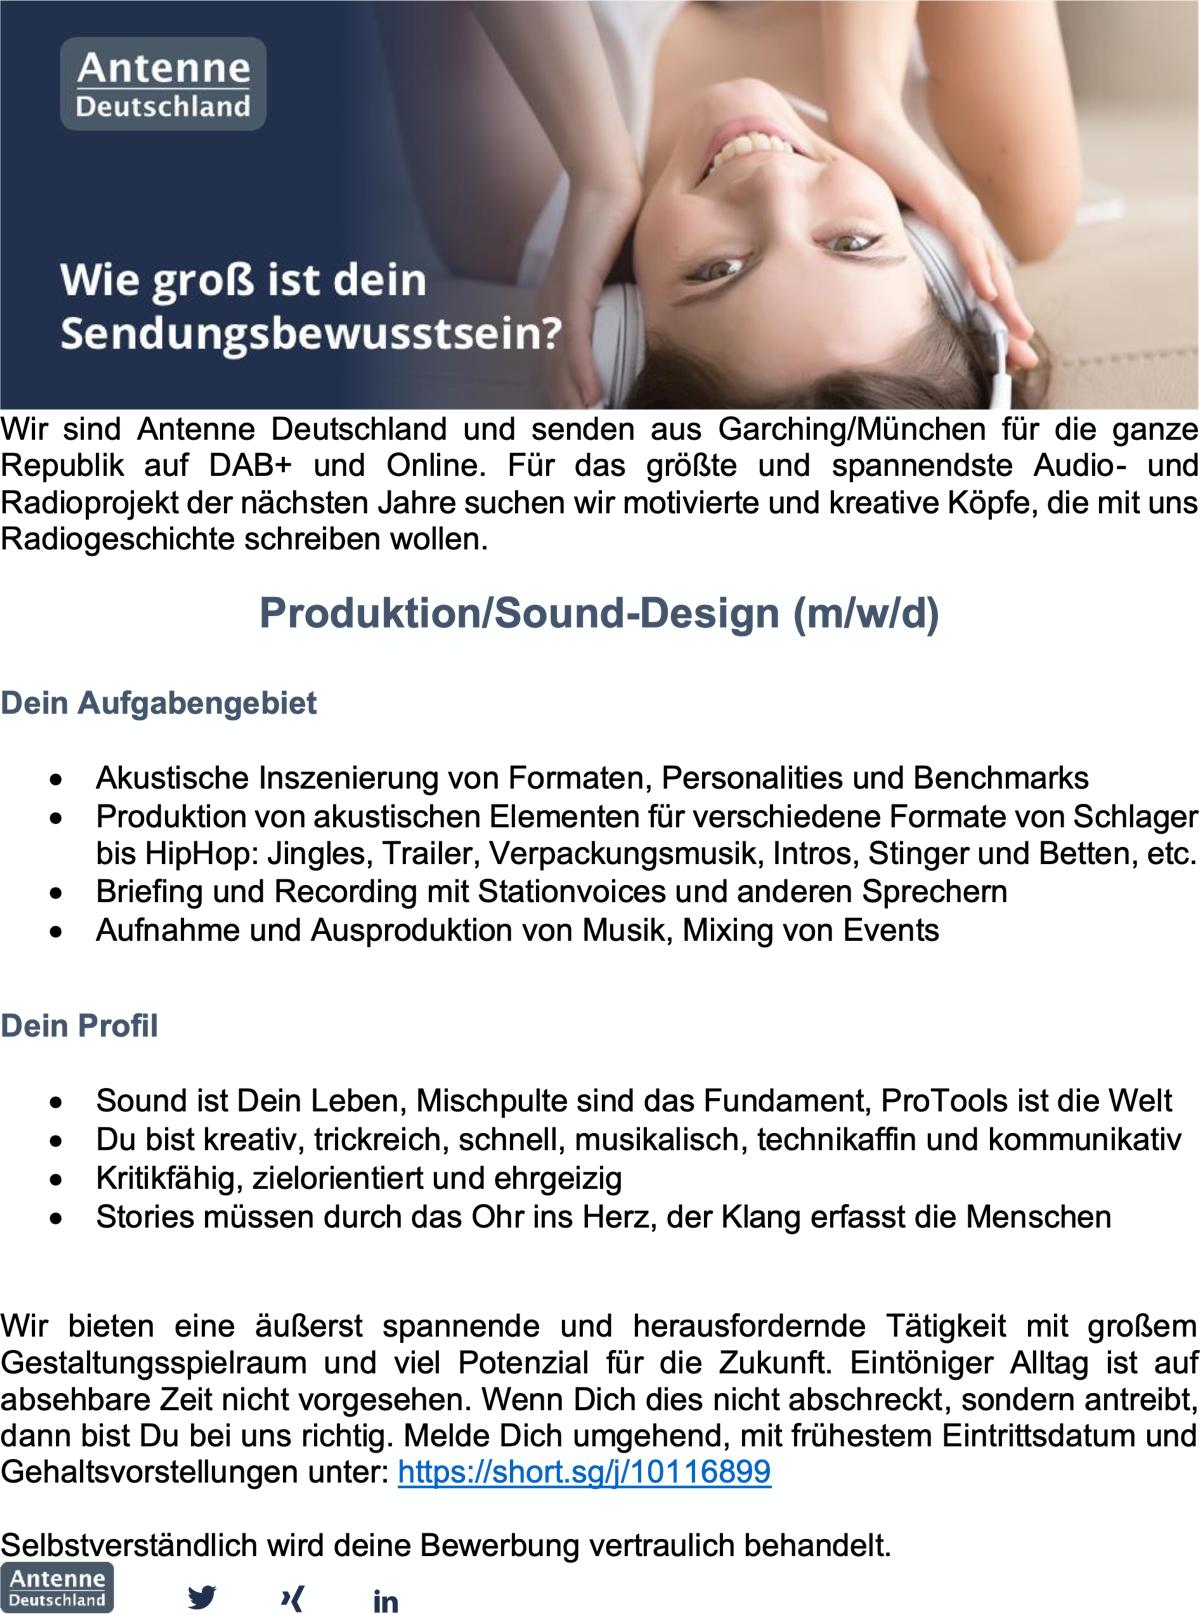 Antenne Deutschland sucht Produzent/Sound-Designer (m/w/d)